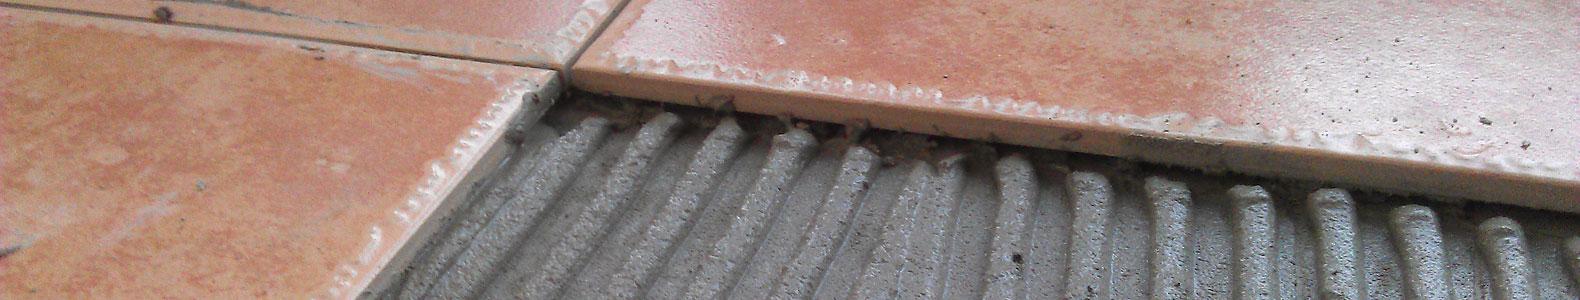 木质纤维用于泡沫混凝土-四川ballbet体育科技